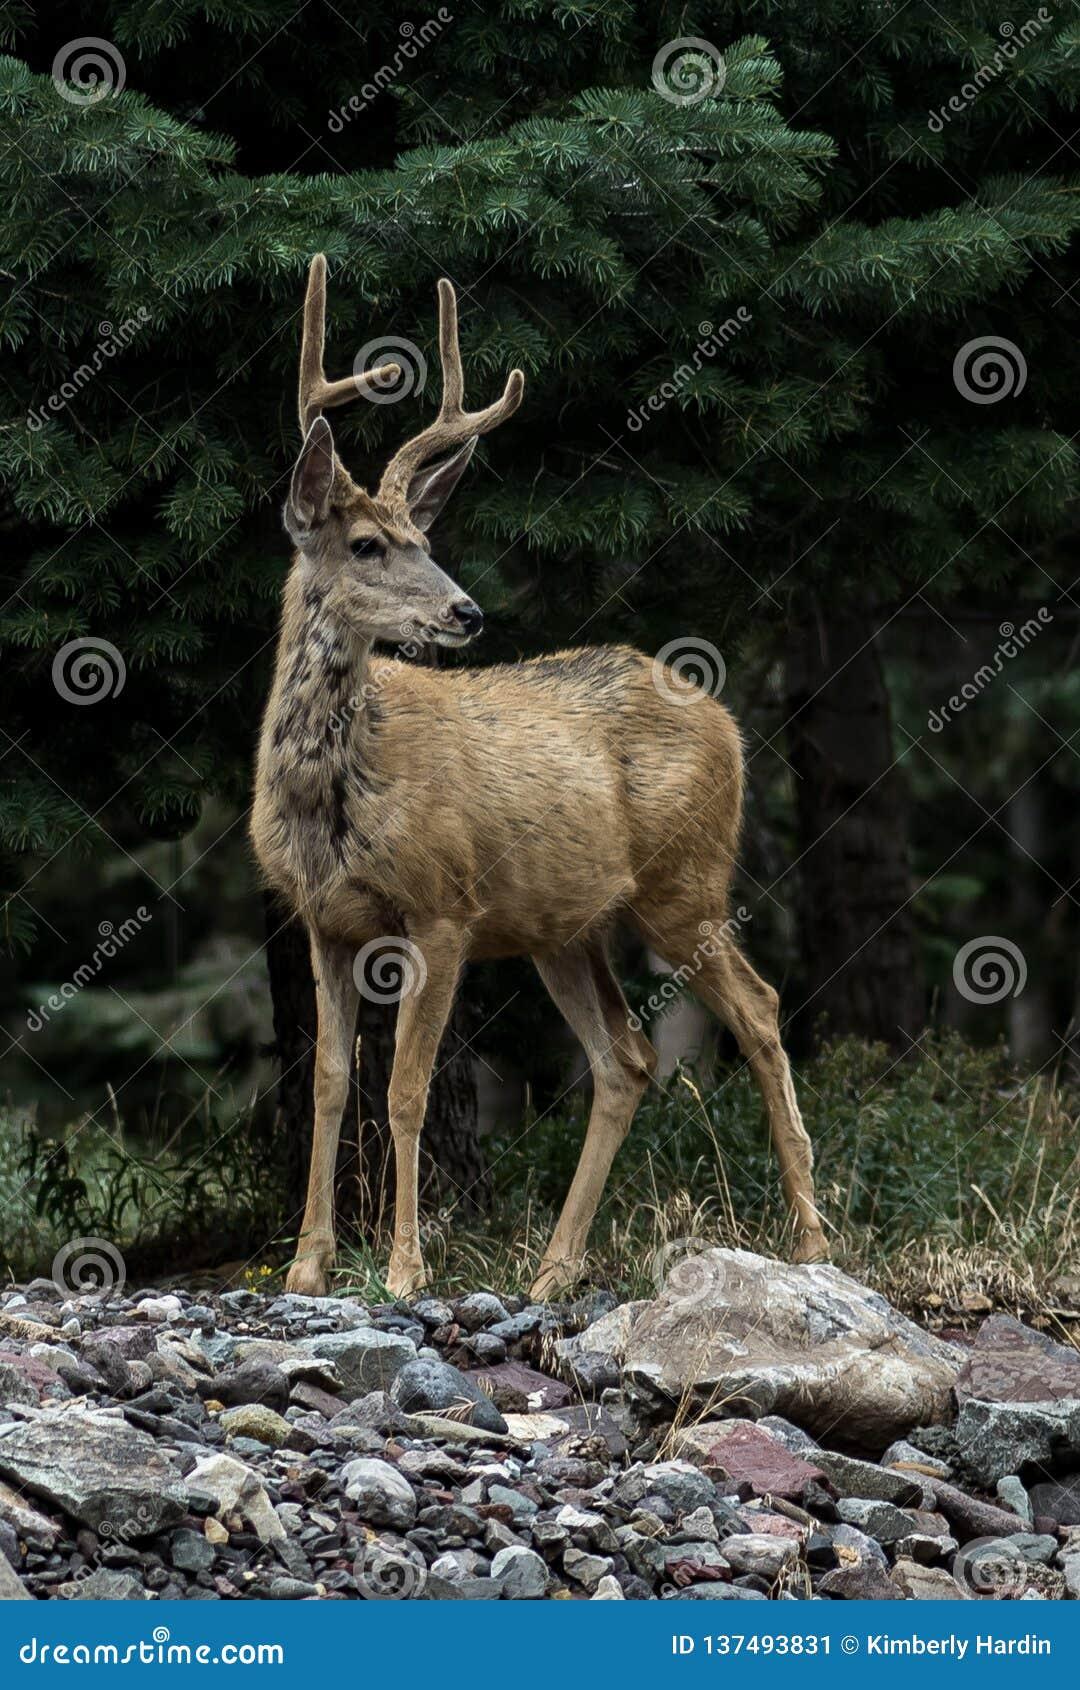 Mule deer with felt antlers